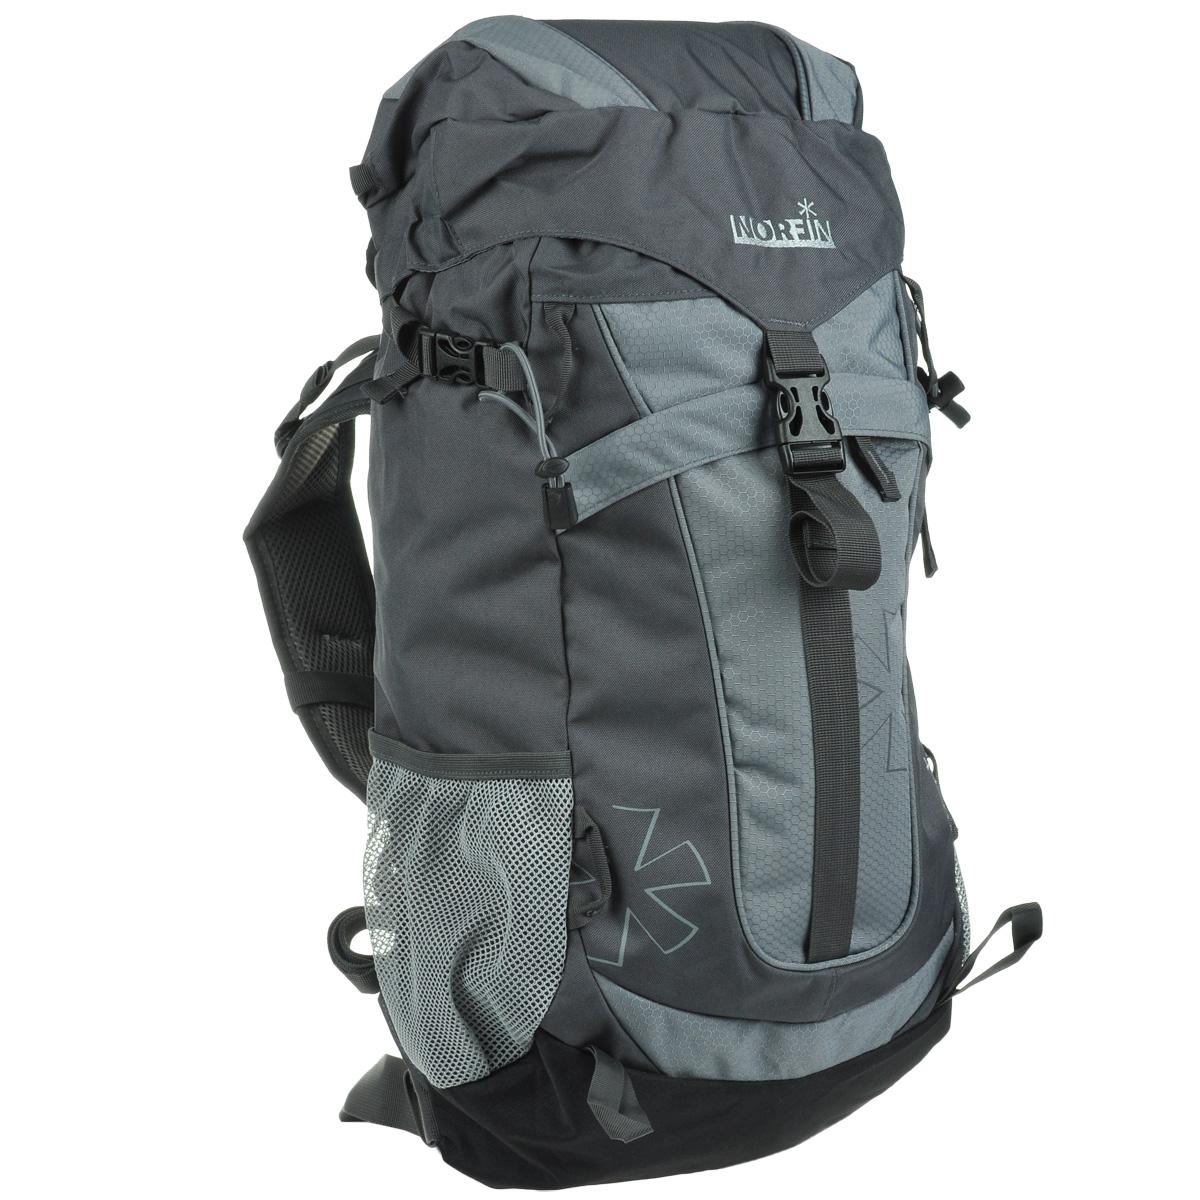 Рюкзак городской Norfin 4Rest, цвет: серый, 35 лГризлиВысококачественный, надежный, и прочный рюкзак Norfin 4Rest. Благодаря многофункциональности данный рюкзак позволяет удобно и легко укладывать свои вещи.Особенности рюкзака:Имеет три рабочие зоны с сеткой Air Mesh, хорошо отводится избыточное тепло и влага при нагрузкахПоясной ременьГрудная стяжка со свисткомВыход под питьевую системуФронтальный карманБоковые карманы из сеткиВерхний клапан с внешним карманом.